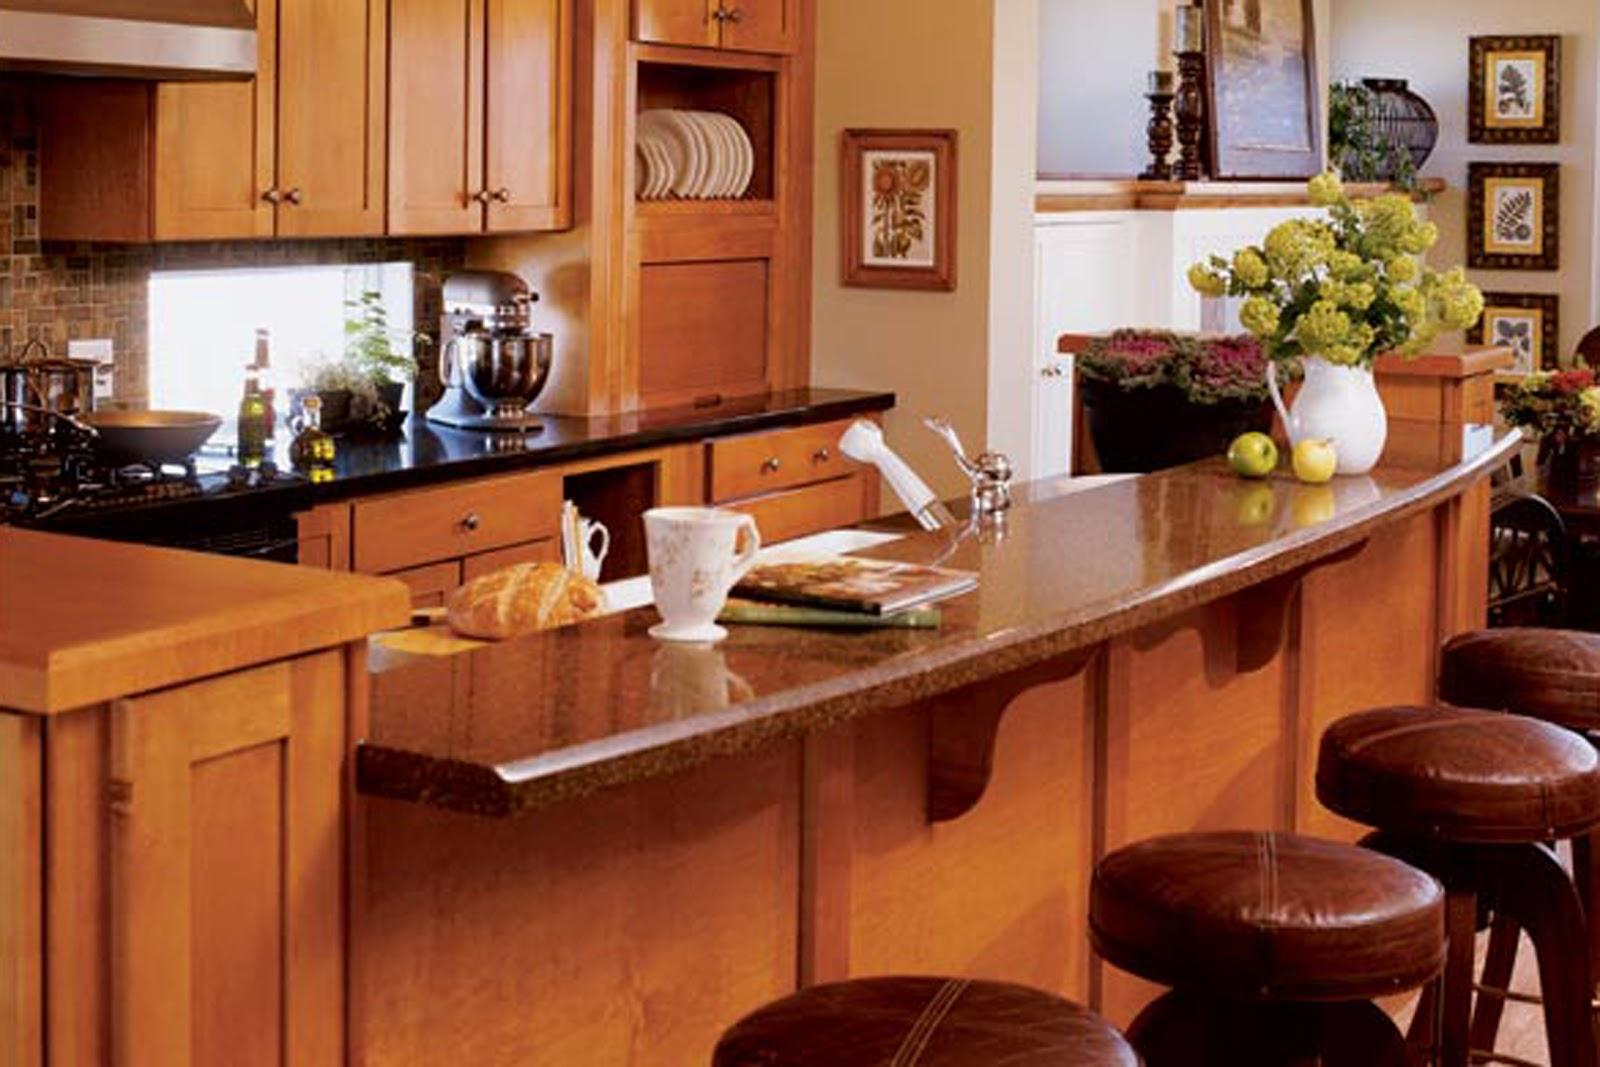 kitchen design ideas with islands photo - 4